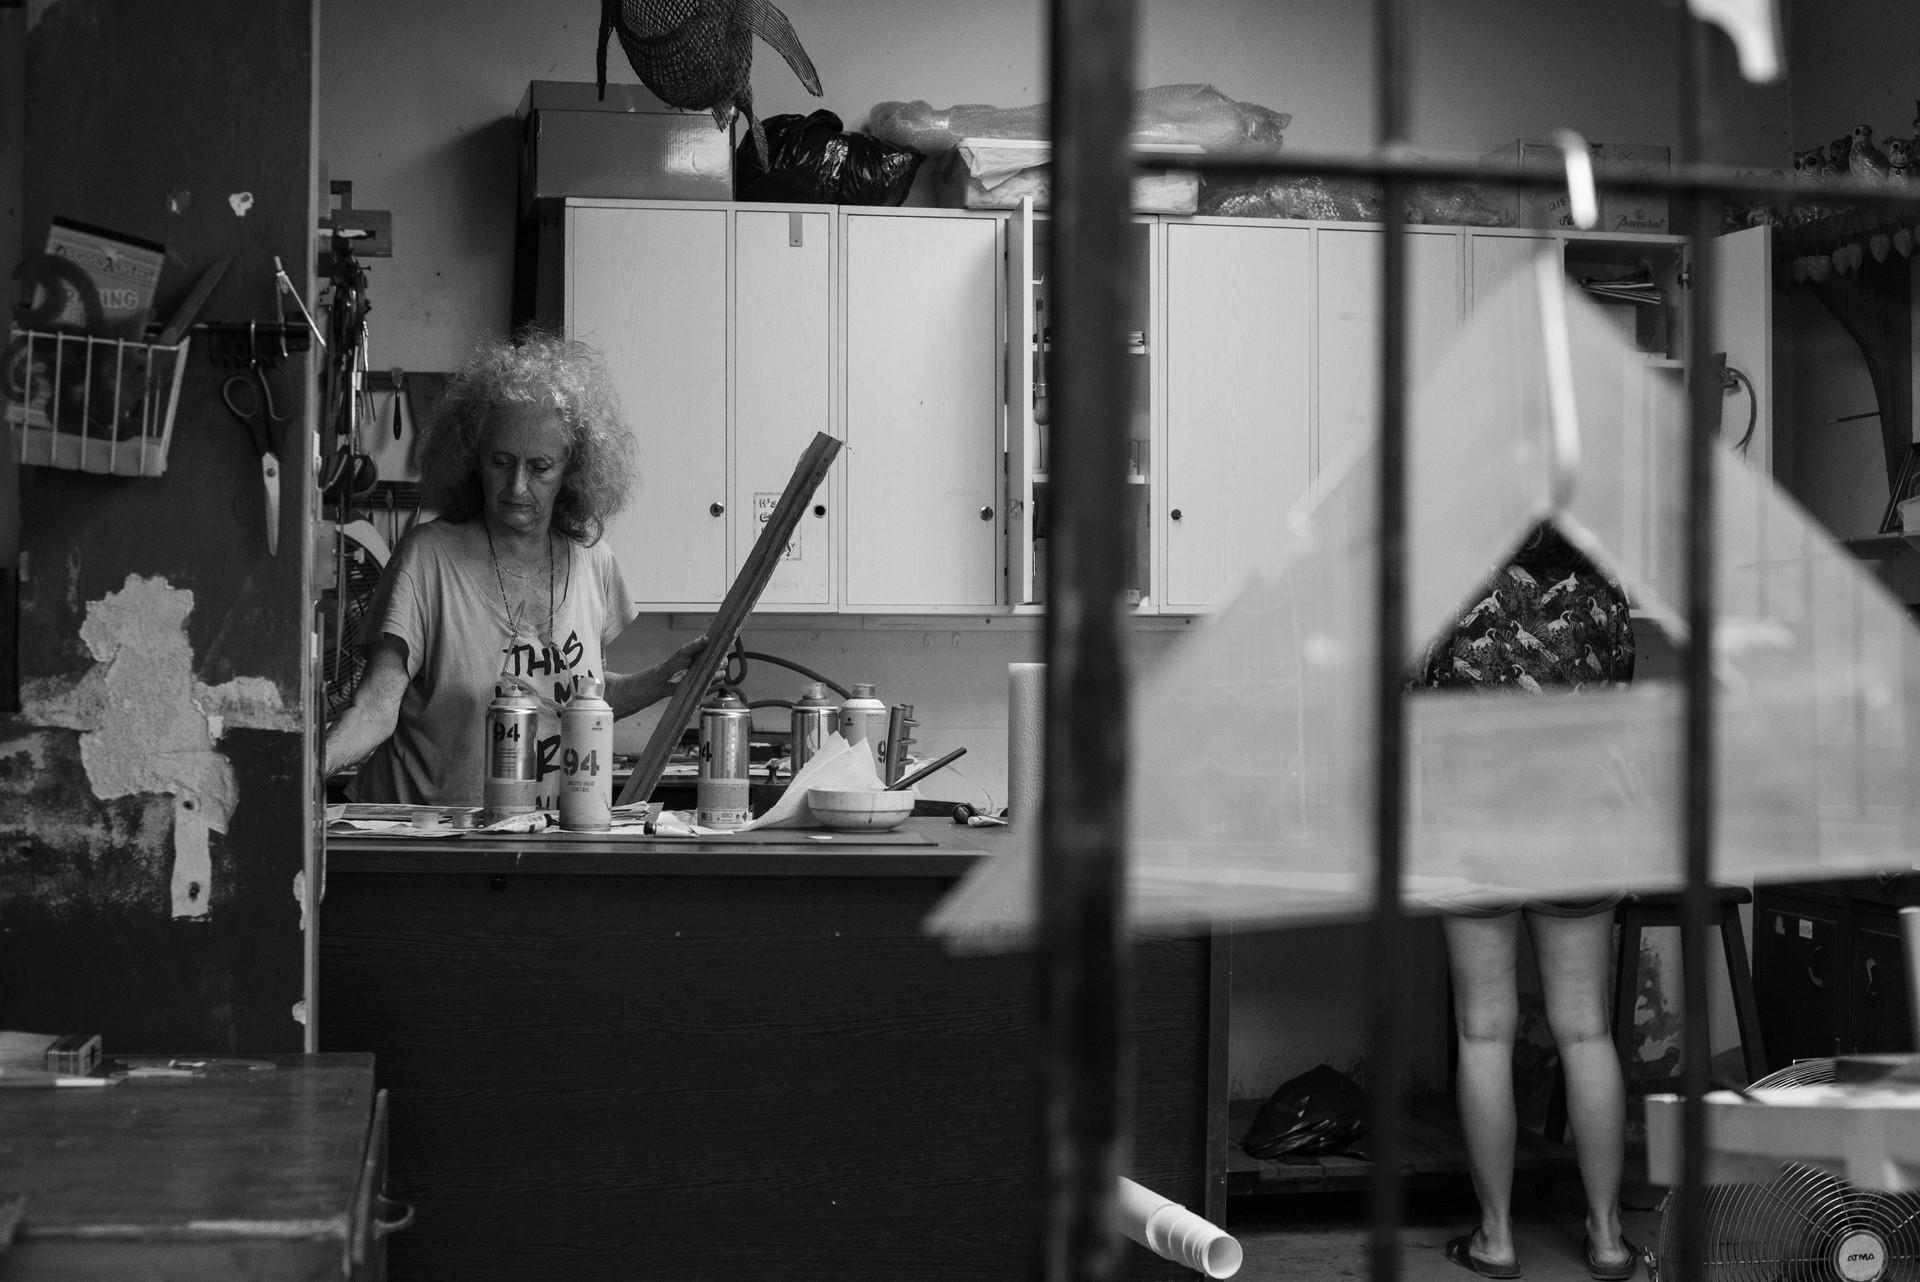 Ciego en una jaula de mariposas (Fotografías y poemas de Leopoldo Castilla intervenidos artísticamente por Gabriela Aberastury y Mariano Cornejo)